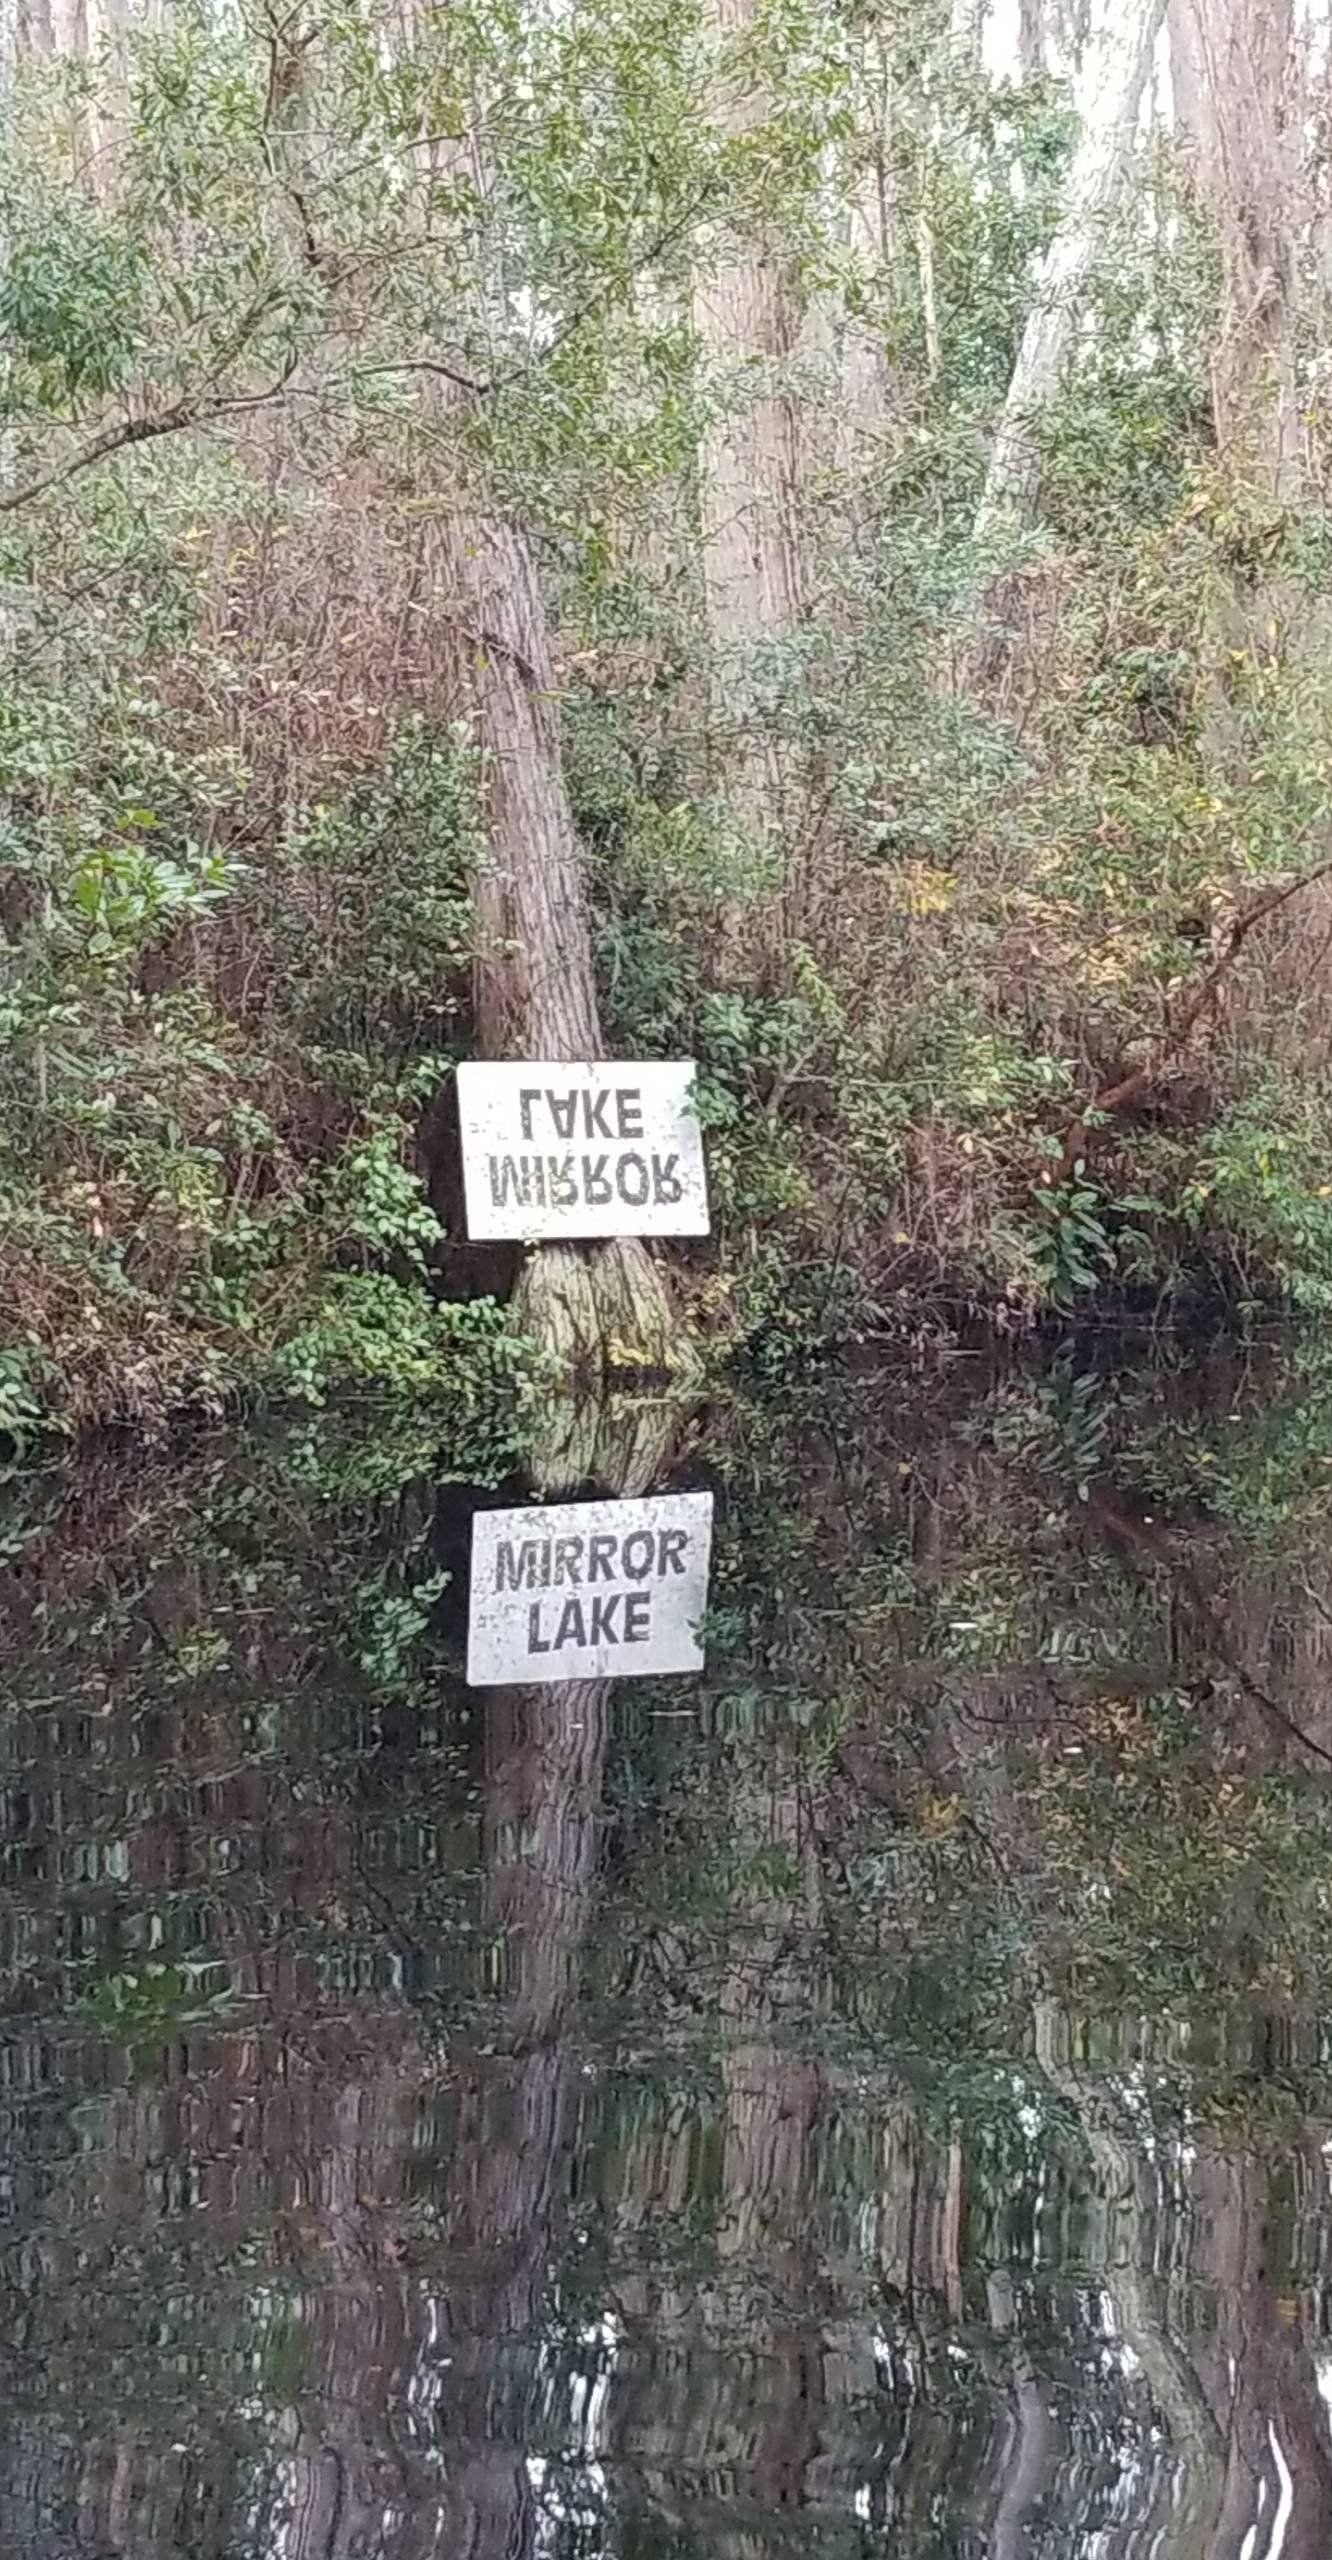 Lake Mirror or Mirror Lake?